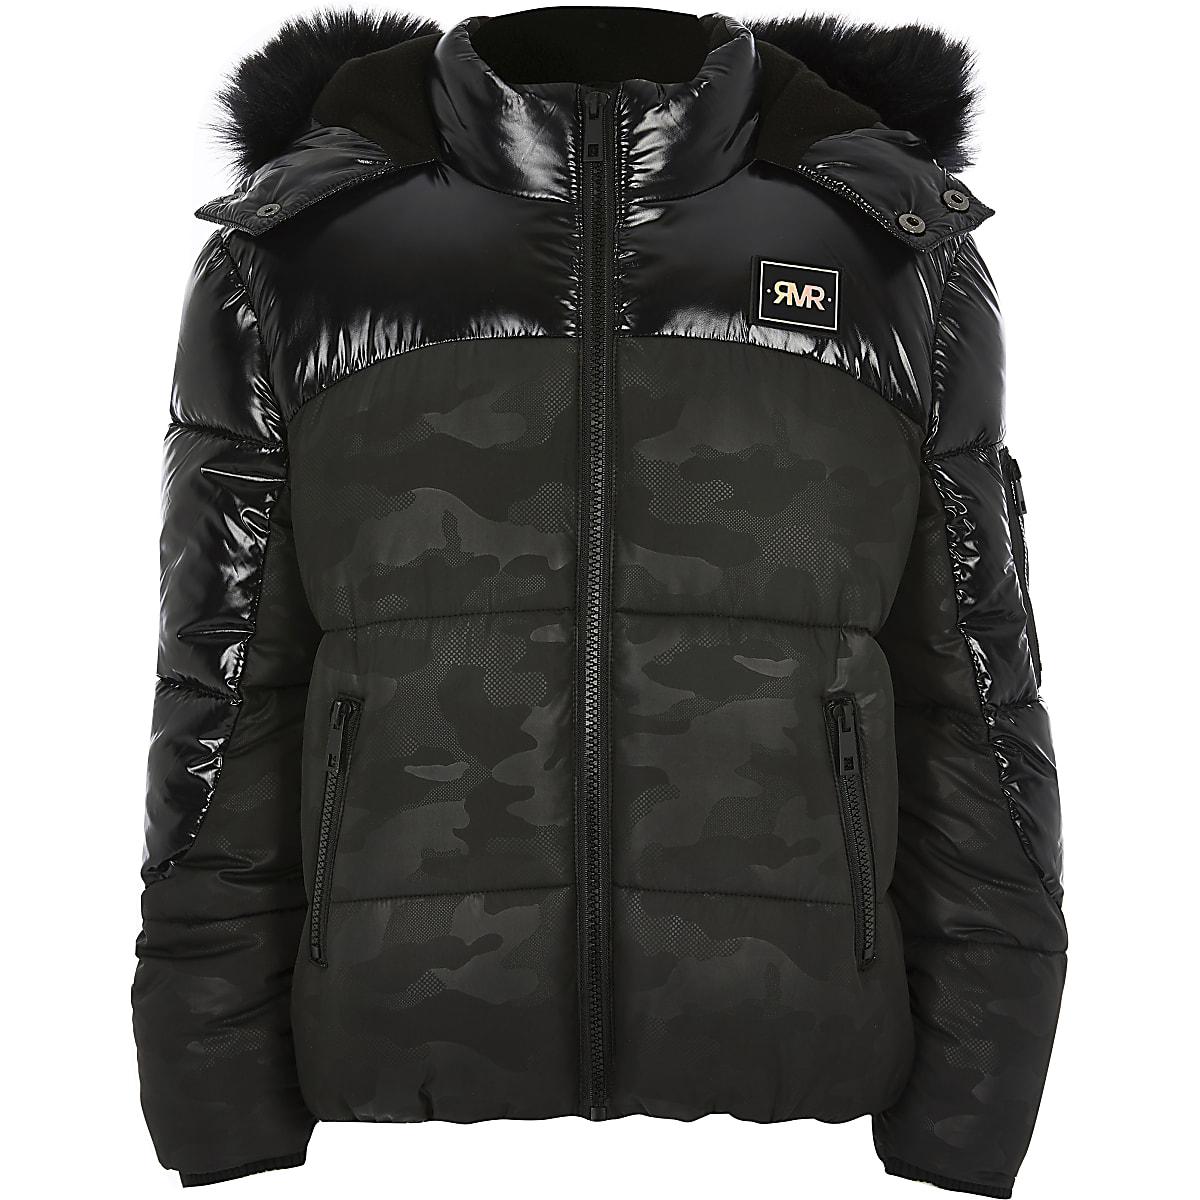 Kids - Zwart hoogglanzende gewatteerde jas